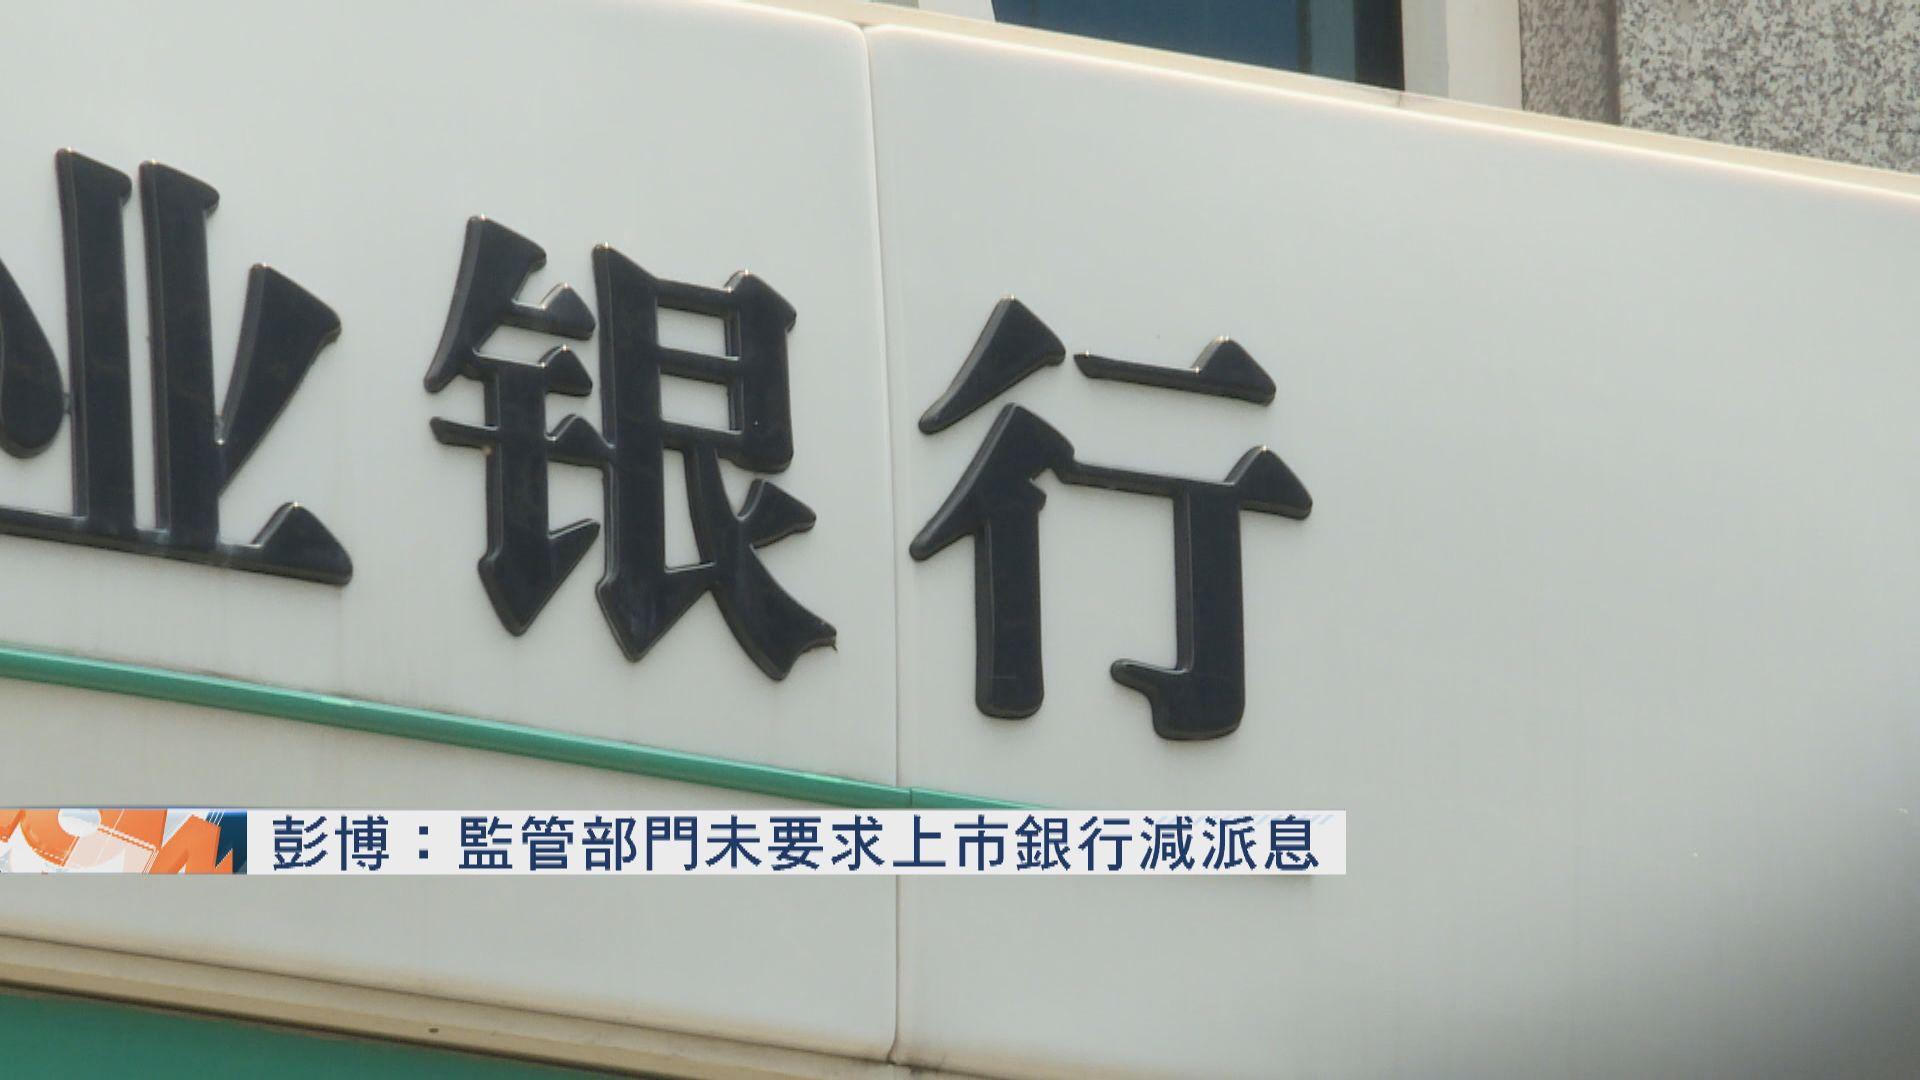 【派息】傳內地銀行暫未被要求減派息